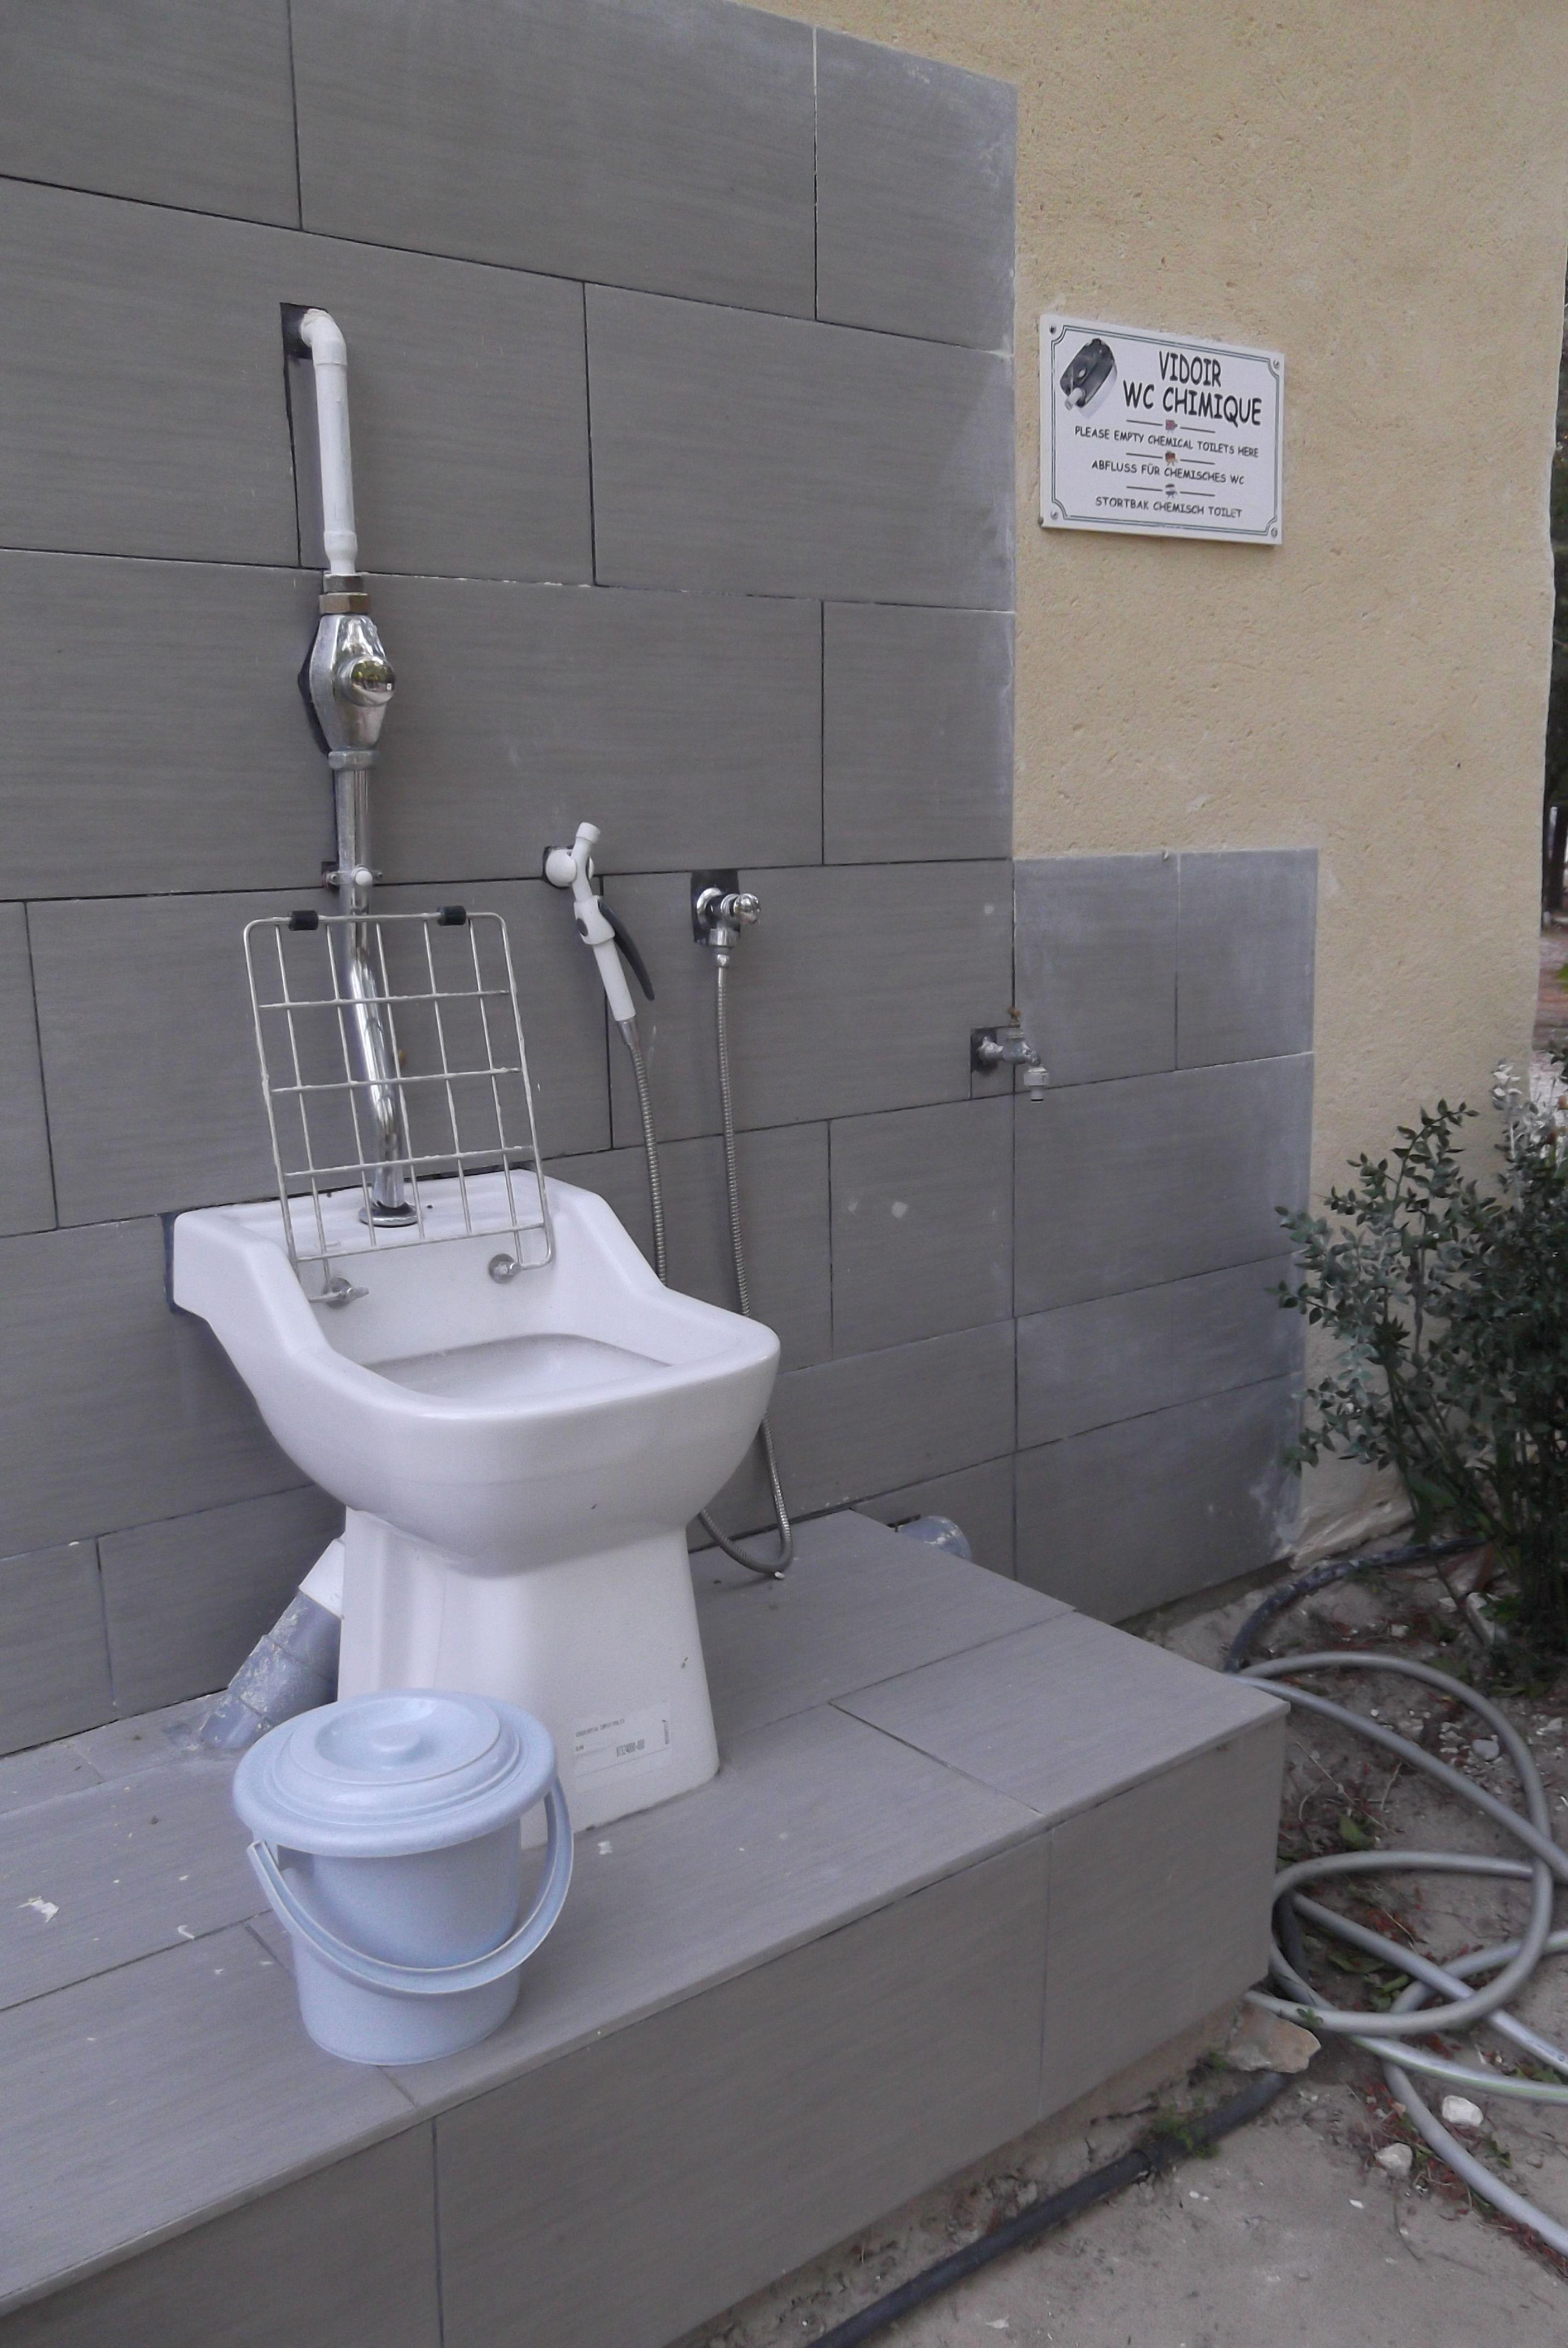 Stortbak Chemisch Toilet.Chemisch Toilet Ergens Op Een Camping In Het Departement